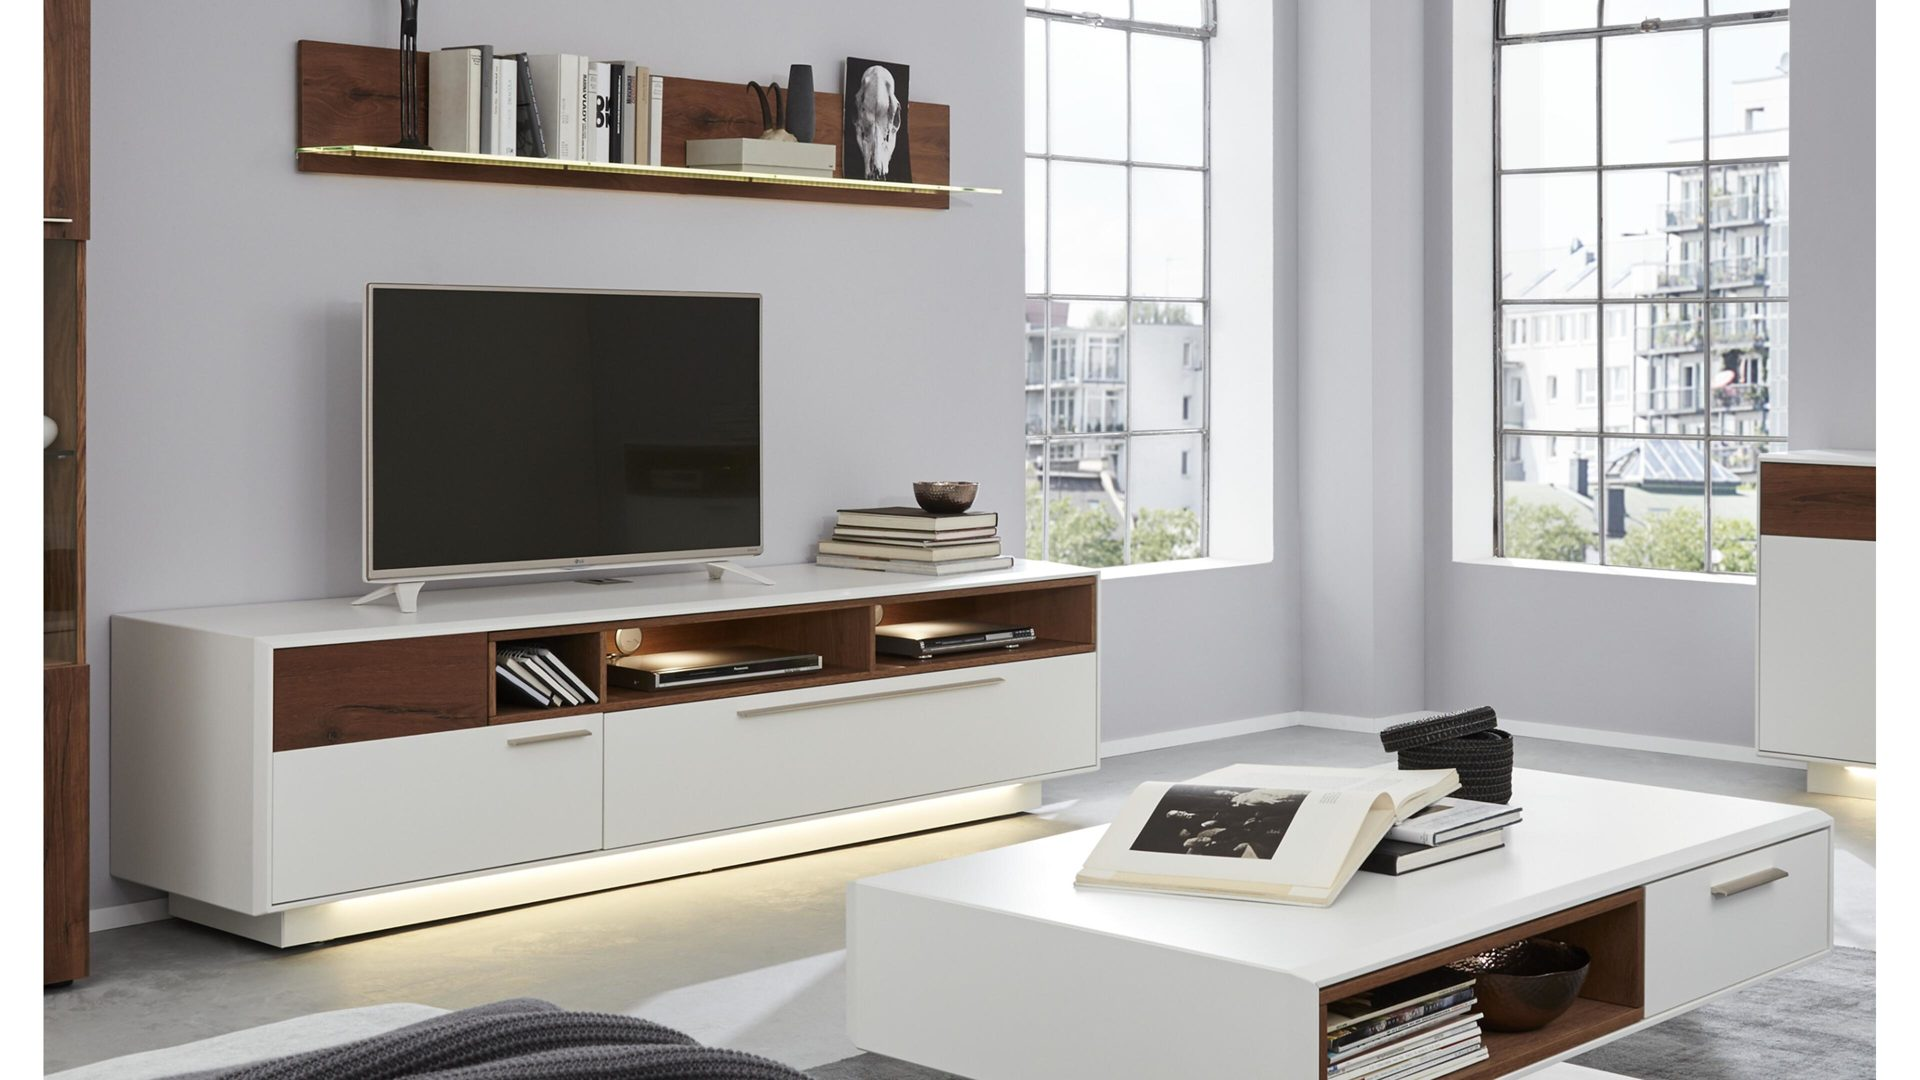 Interliving Wohnzimmer Serie 2102 Medienboard Dunkles Asteiche